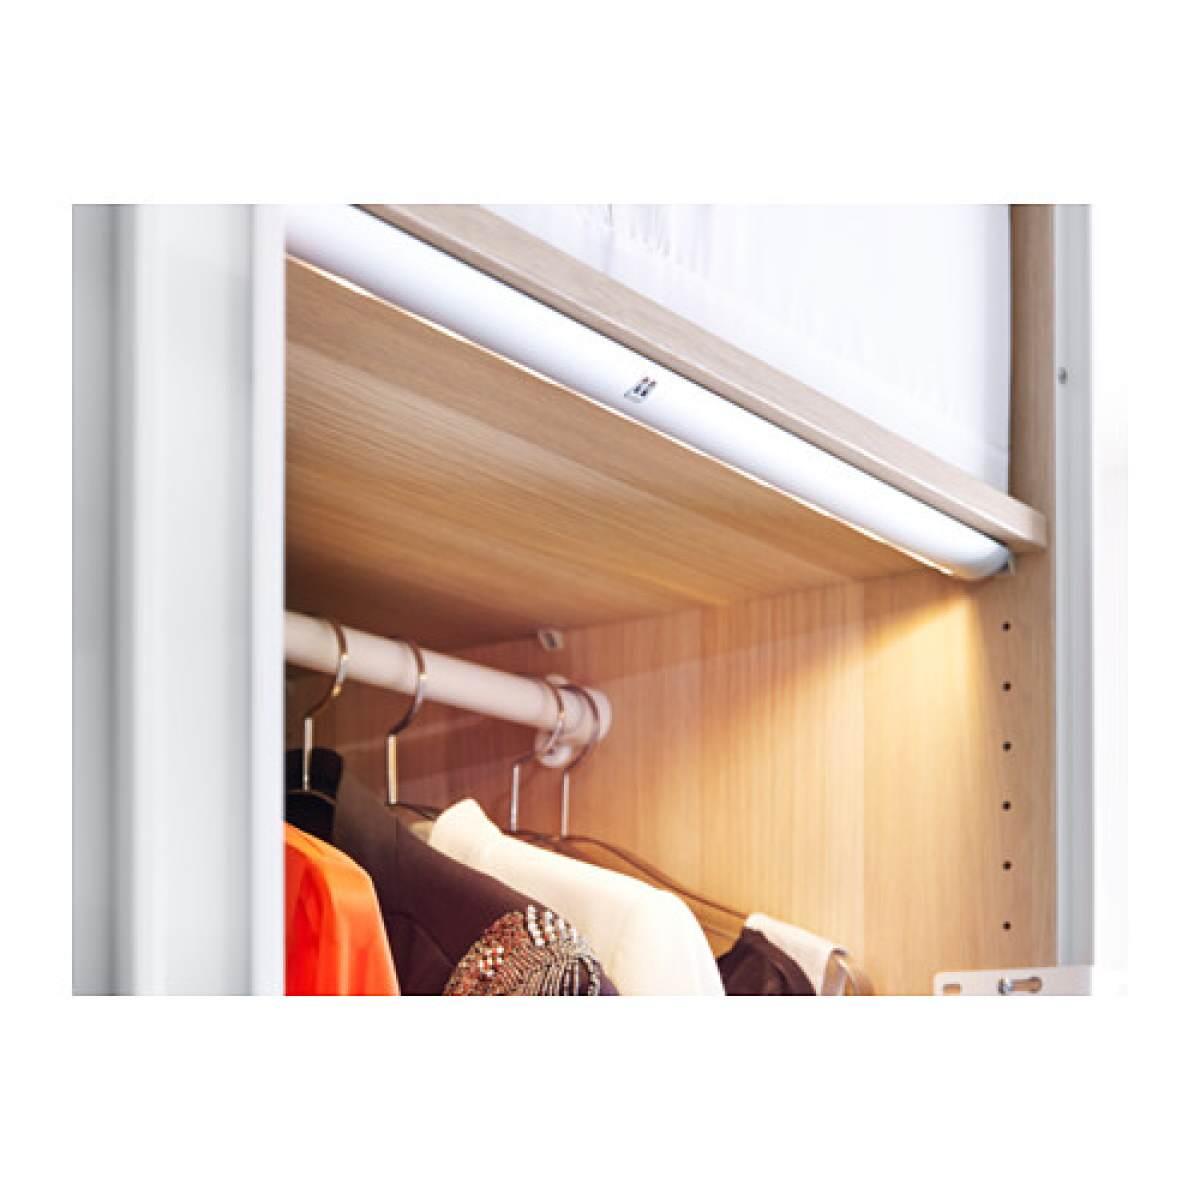 Как сделать подсветку в шкафу своими руками: видео, фото, инструкция 27